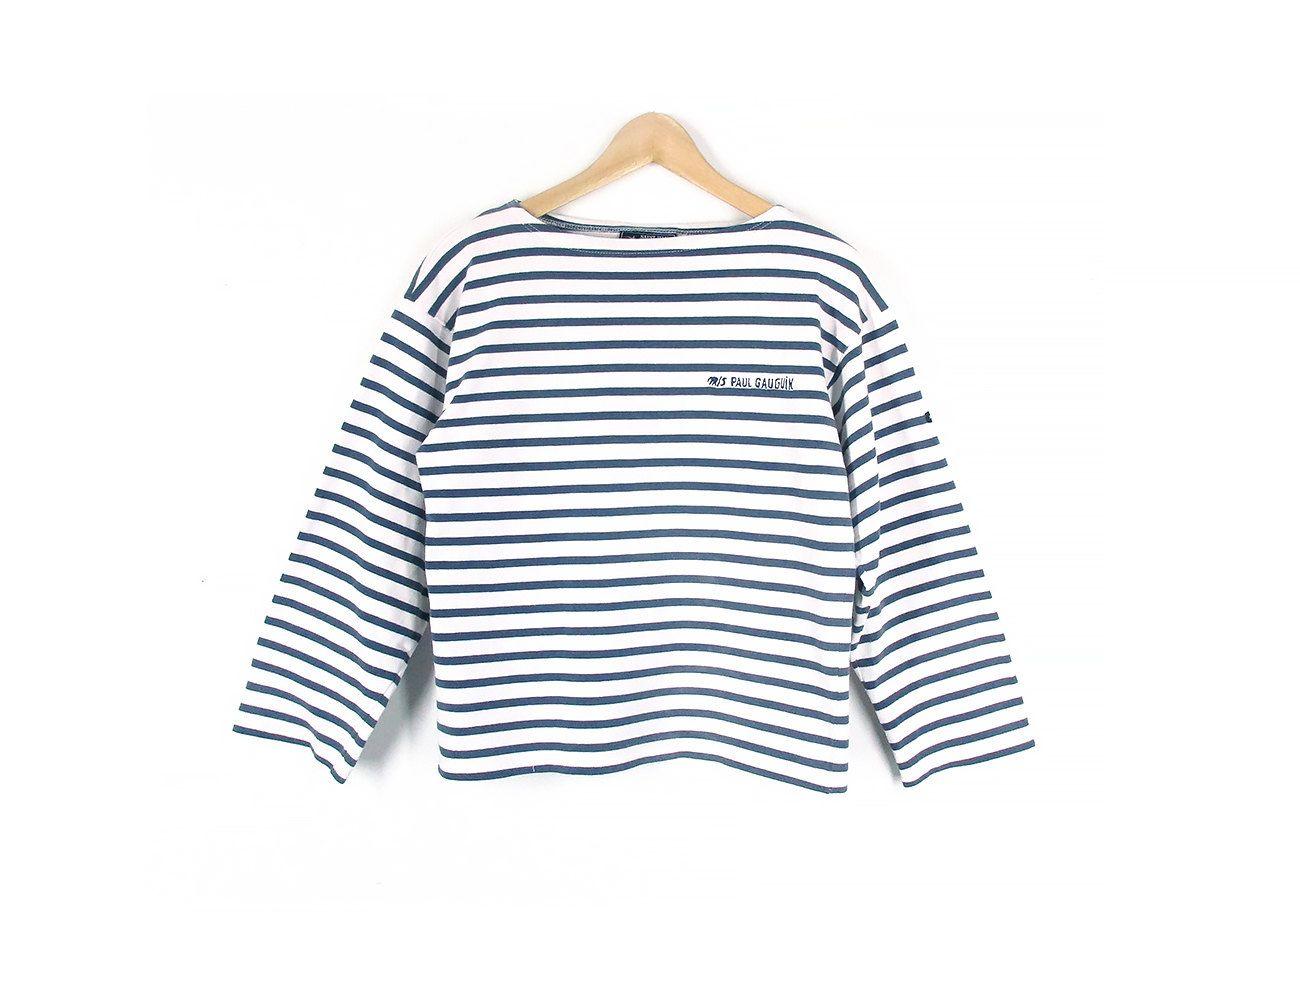 101af08d French Sailor Striped T Shirt - DREAMWORKS